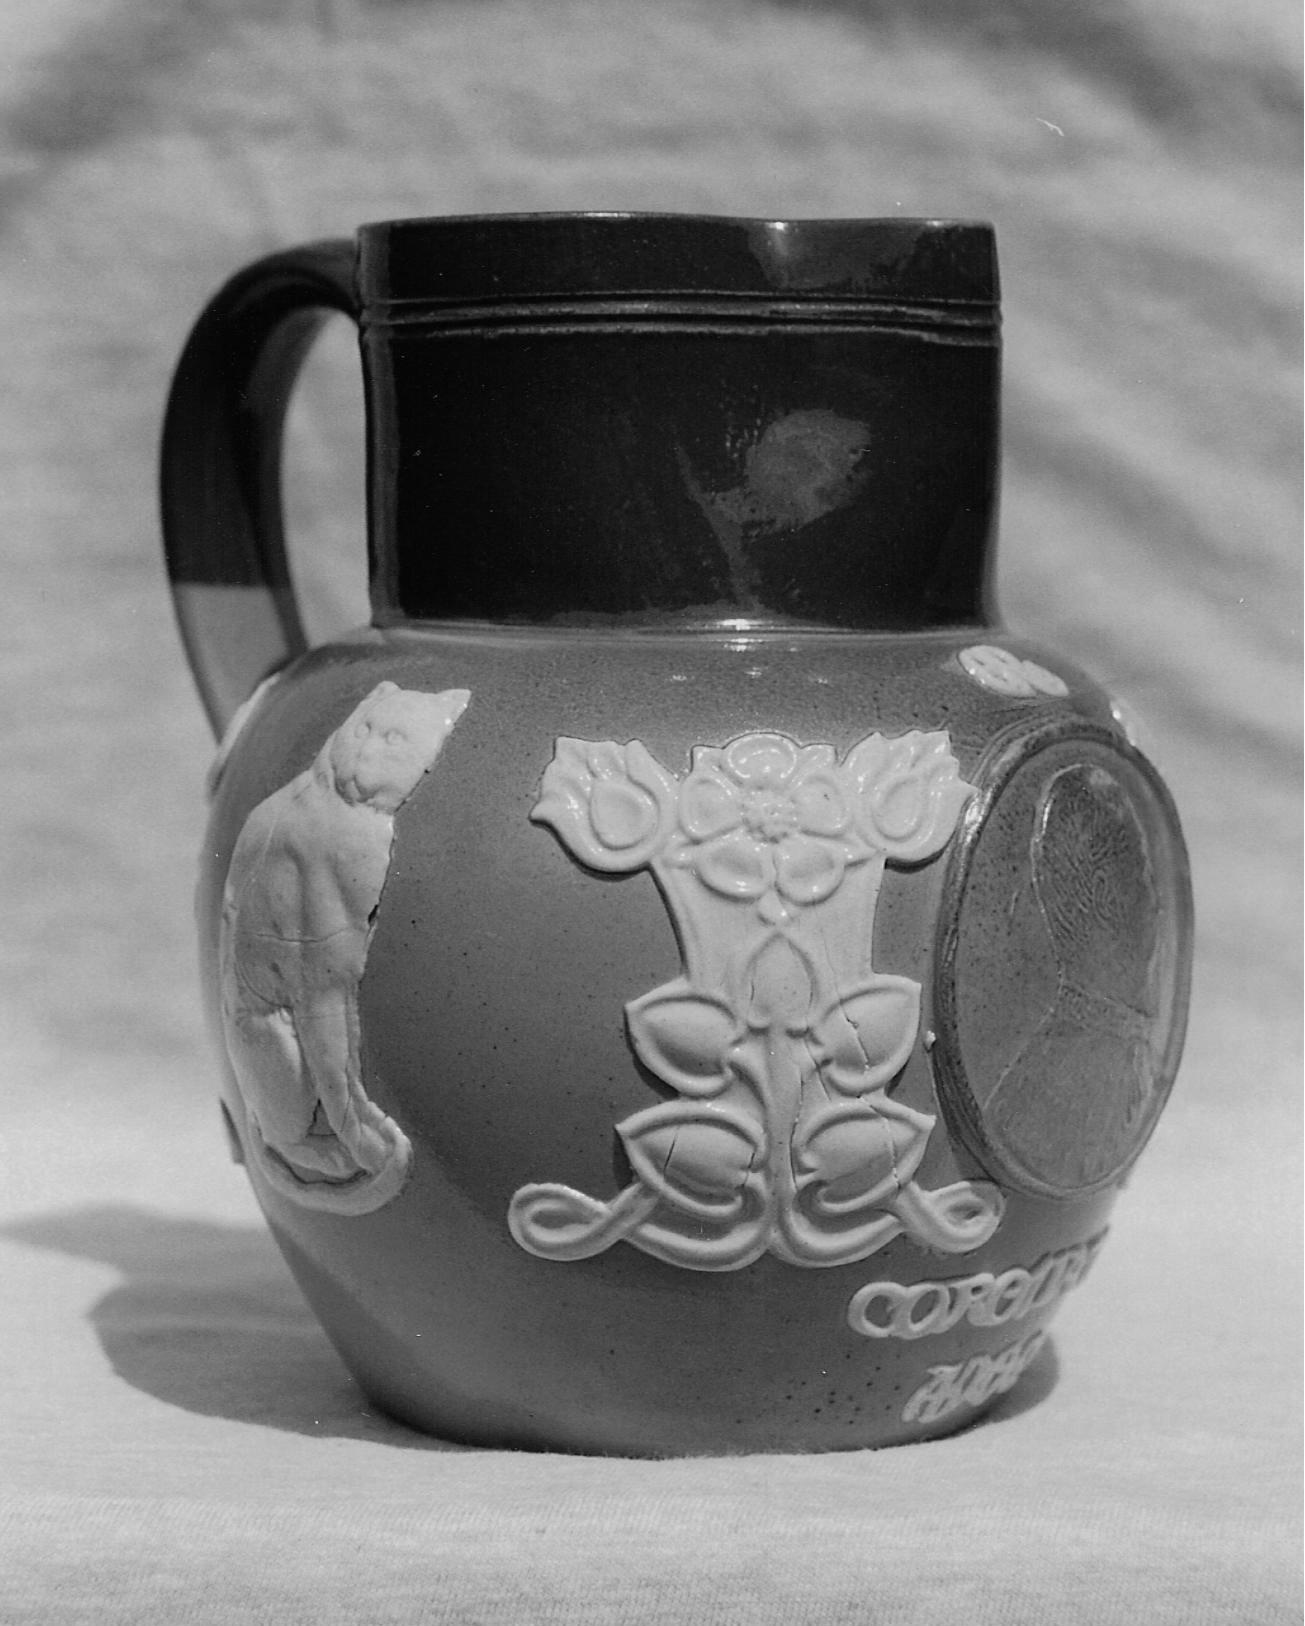 Coronation of Edward VII - commemorative Doulton mug 1902